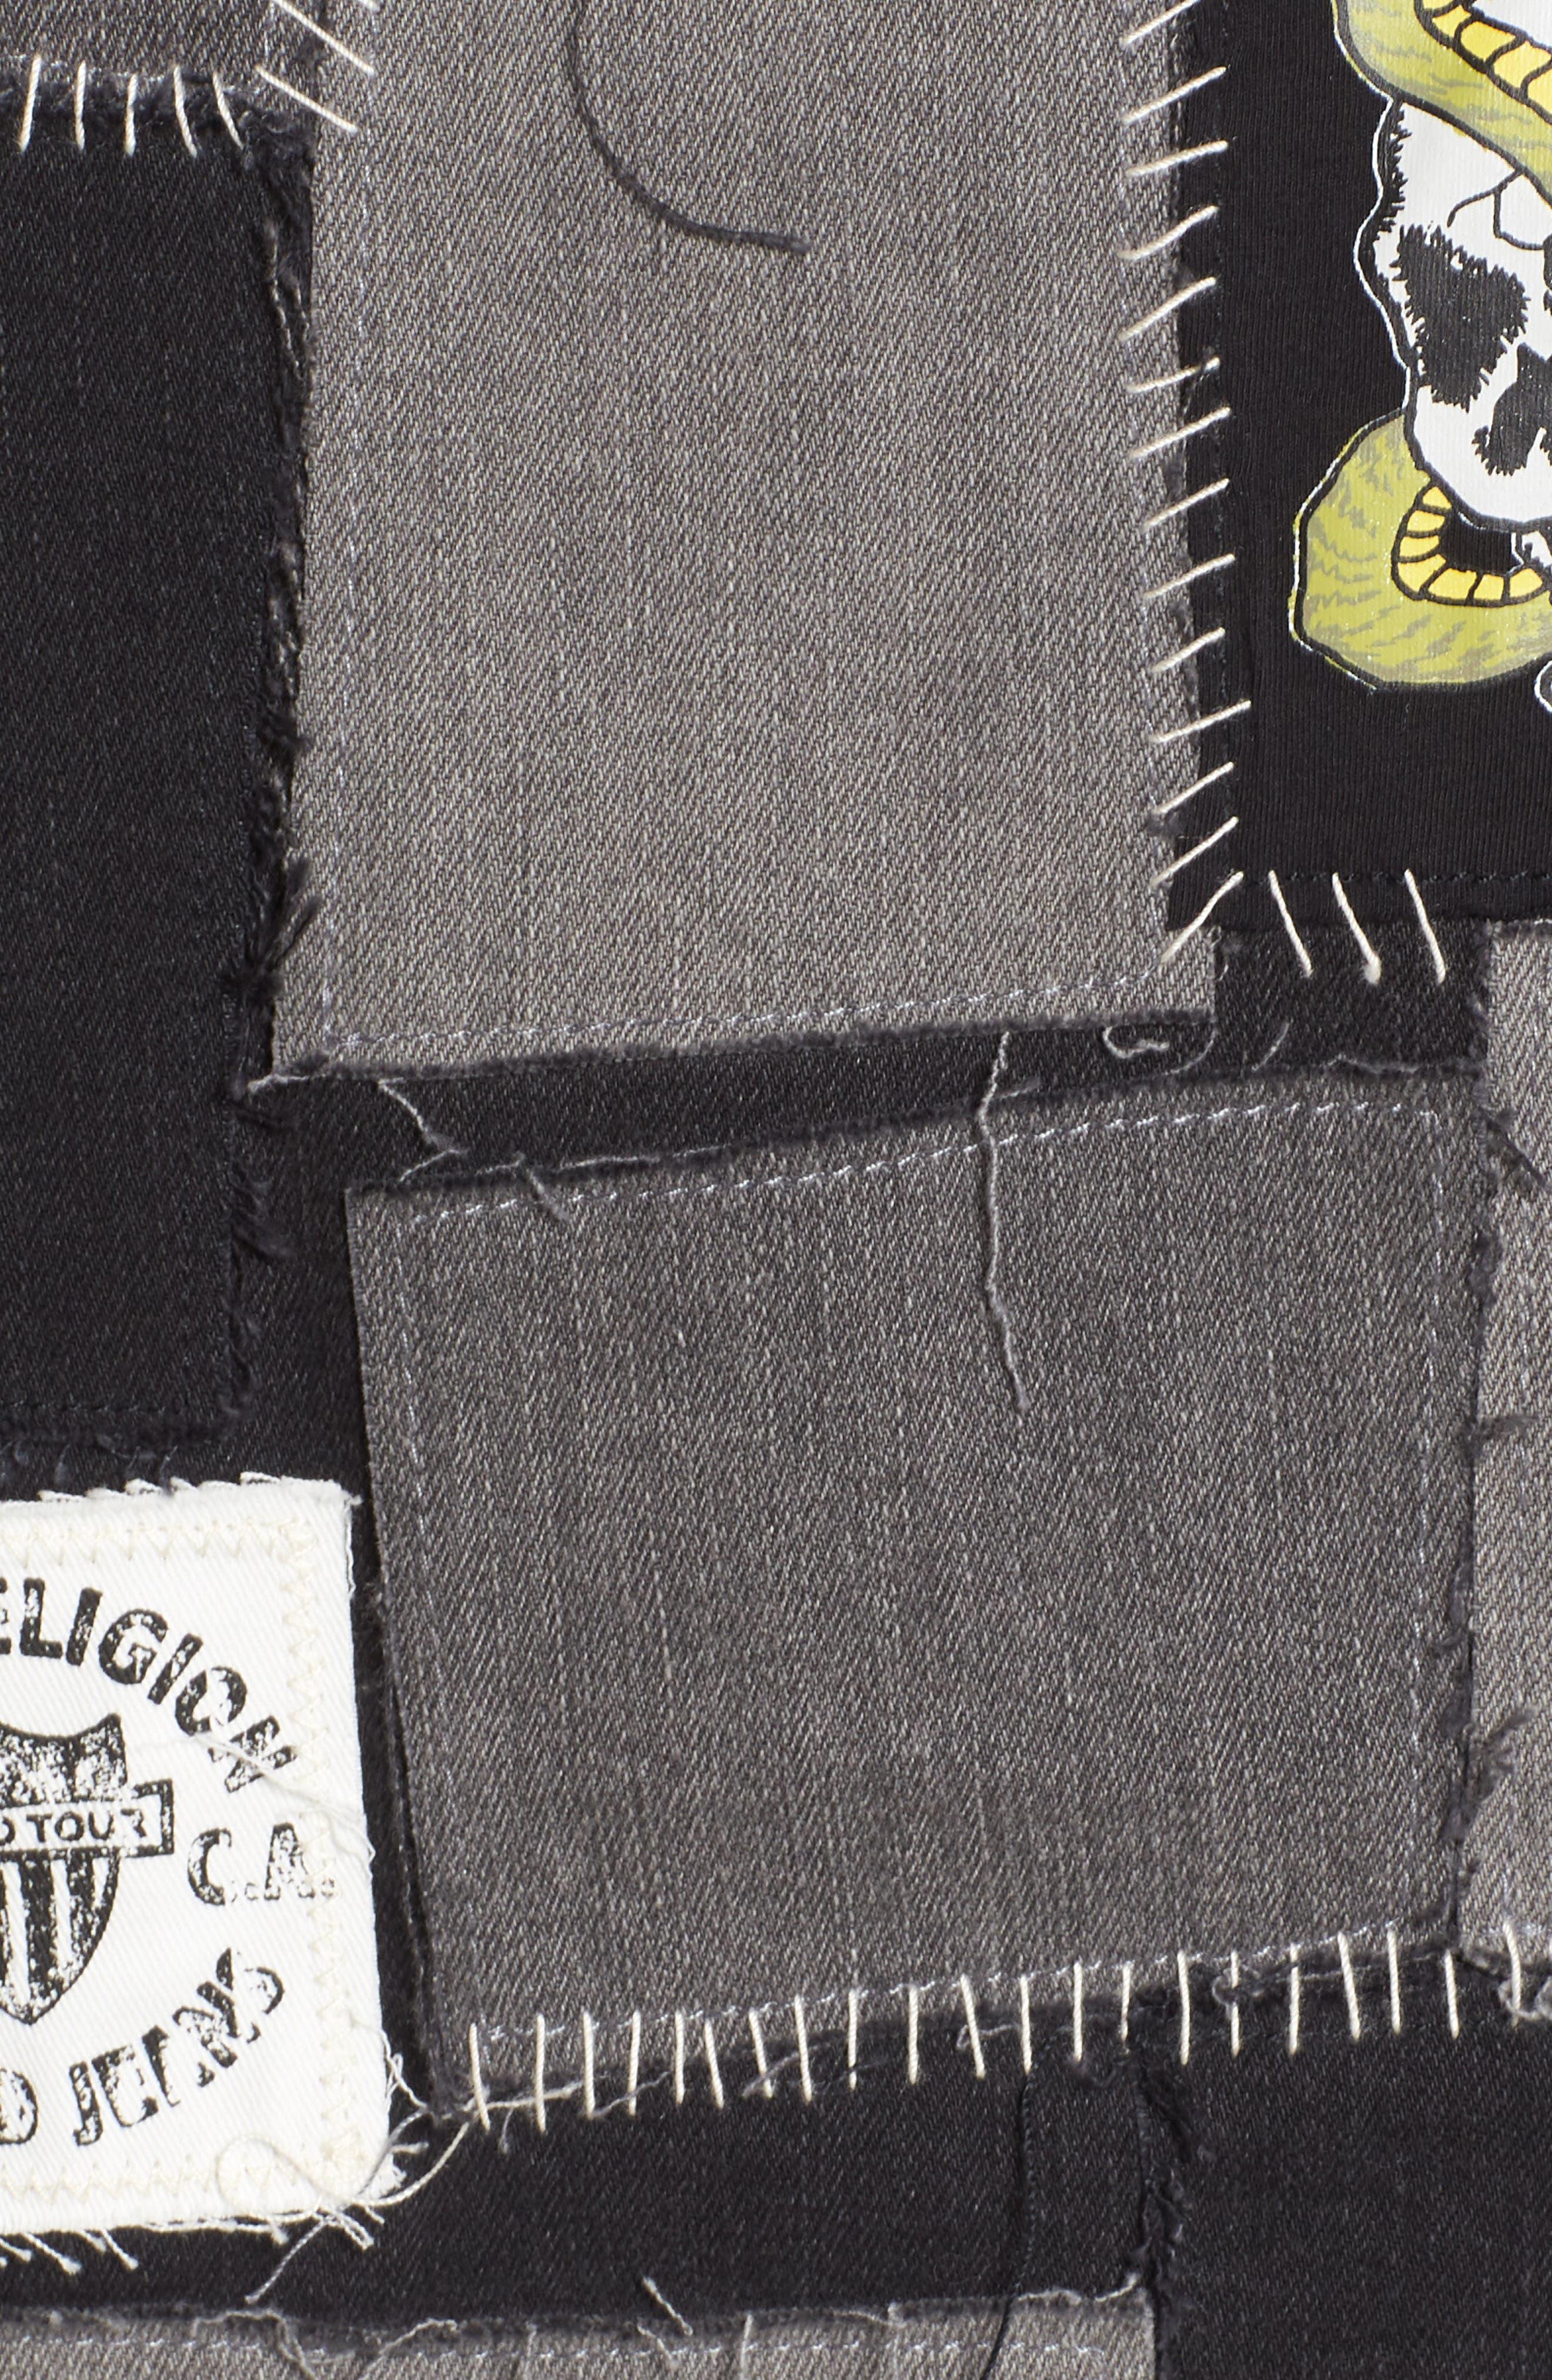 Jimmy Mended Backstage Denim Jacket,                             Alternate thumbnail 5, color,                             Mended Backstage